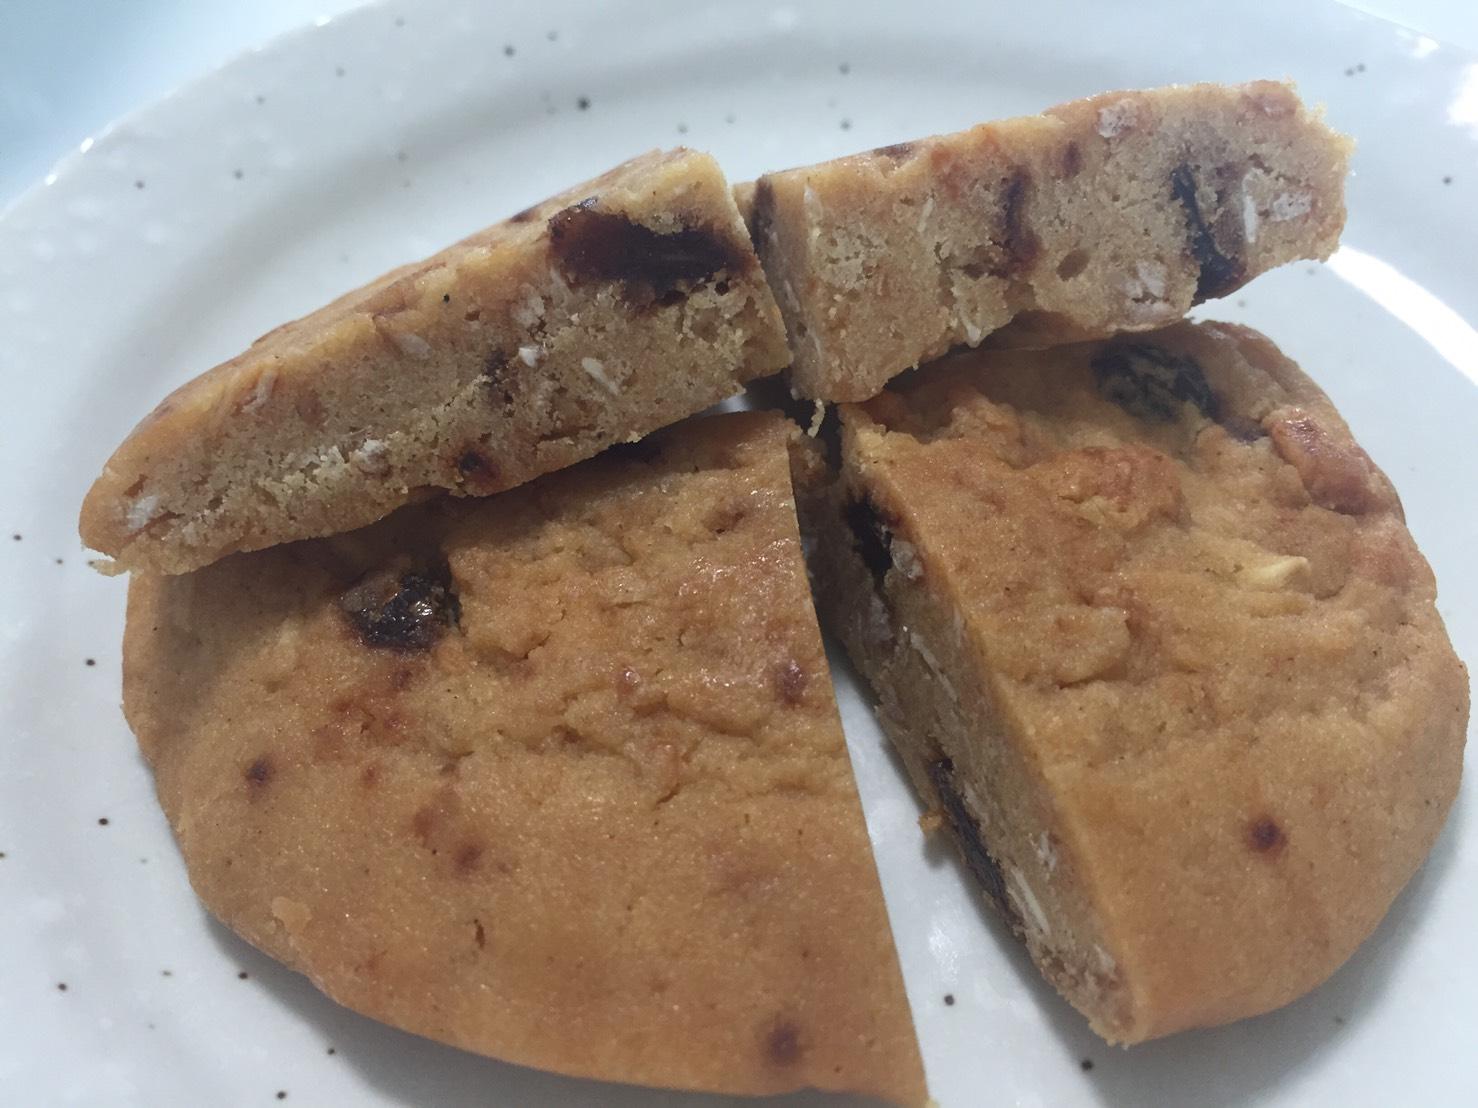 プロテインクッキー「OATMEAL&RAISIN FLAVOUR(オートミール&レーズン味)」の断面の様子